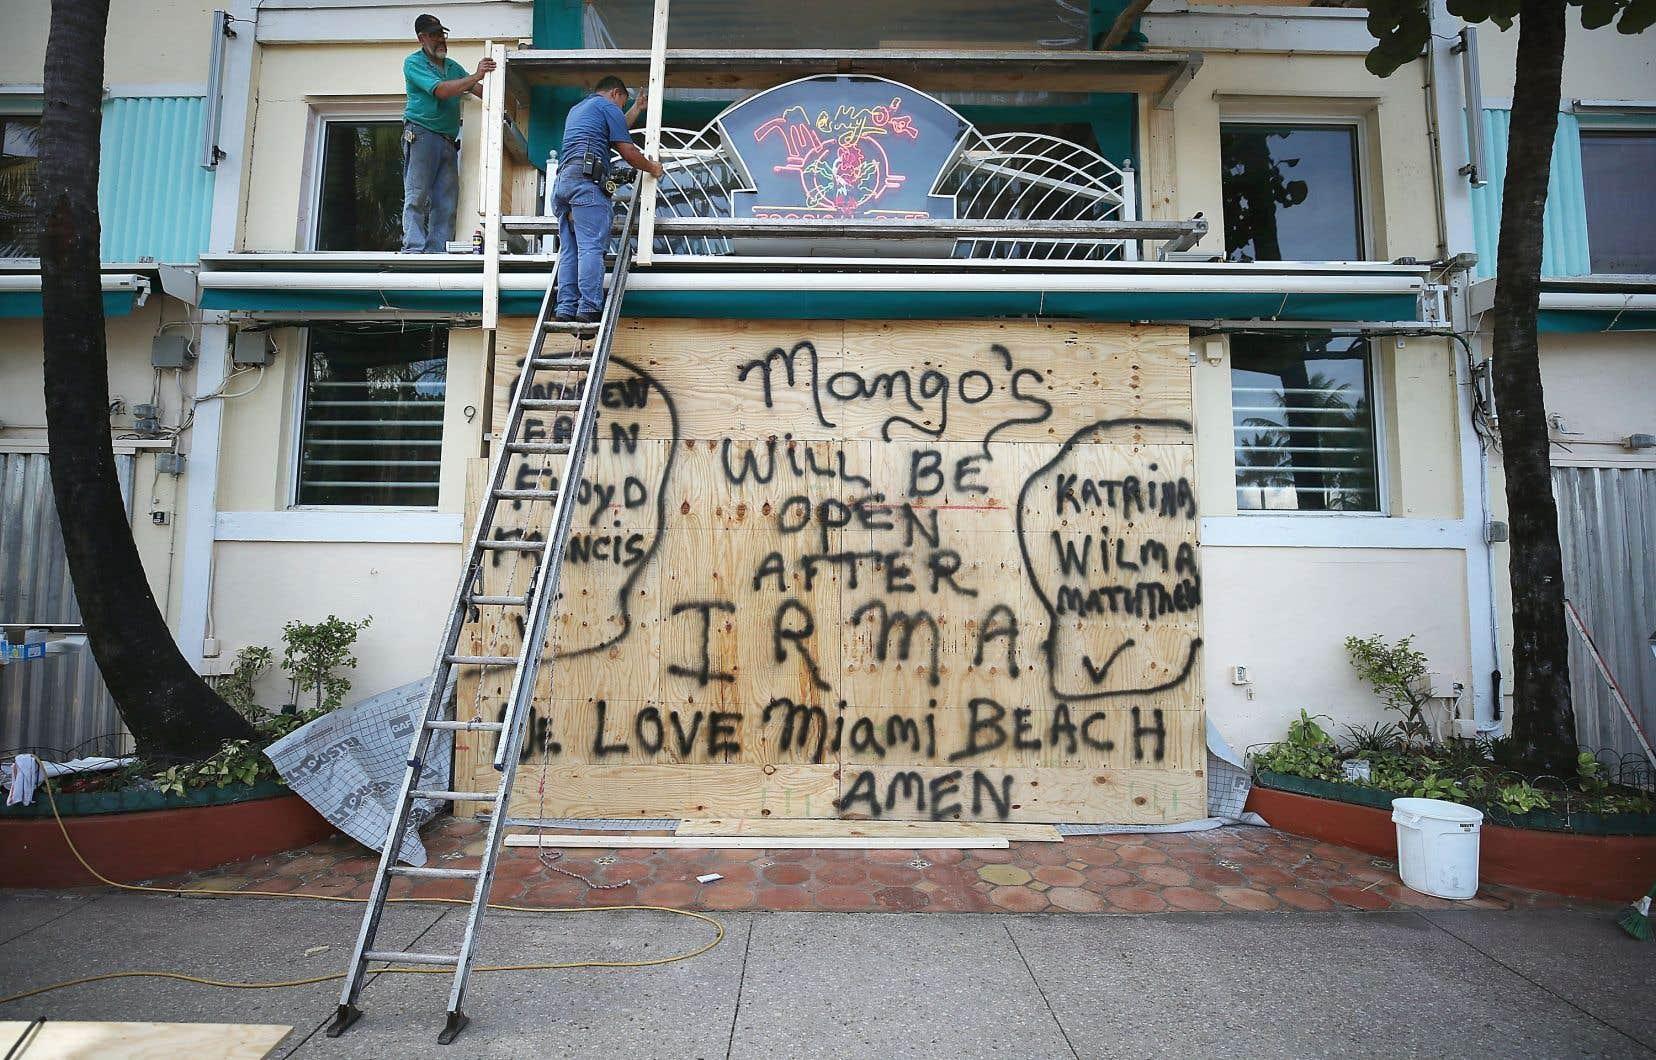 Des travailleurs ont barricadé un restaurant à Miami, en prévision de l'ouragan «Irma», au début septembre. Les pertes d'emplois se sont beaucoup fait ressentir dans l'industrie de la restauration.